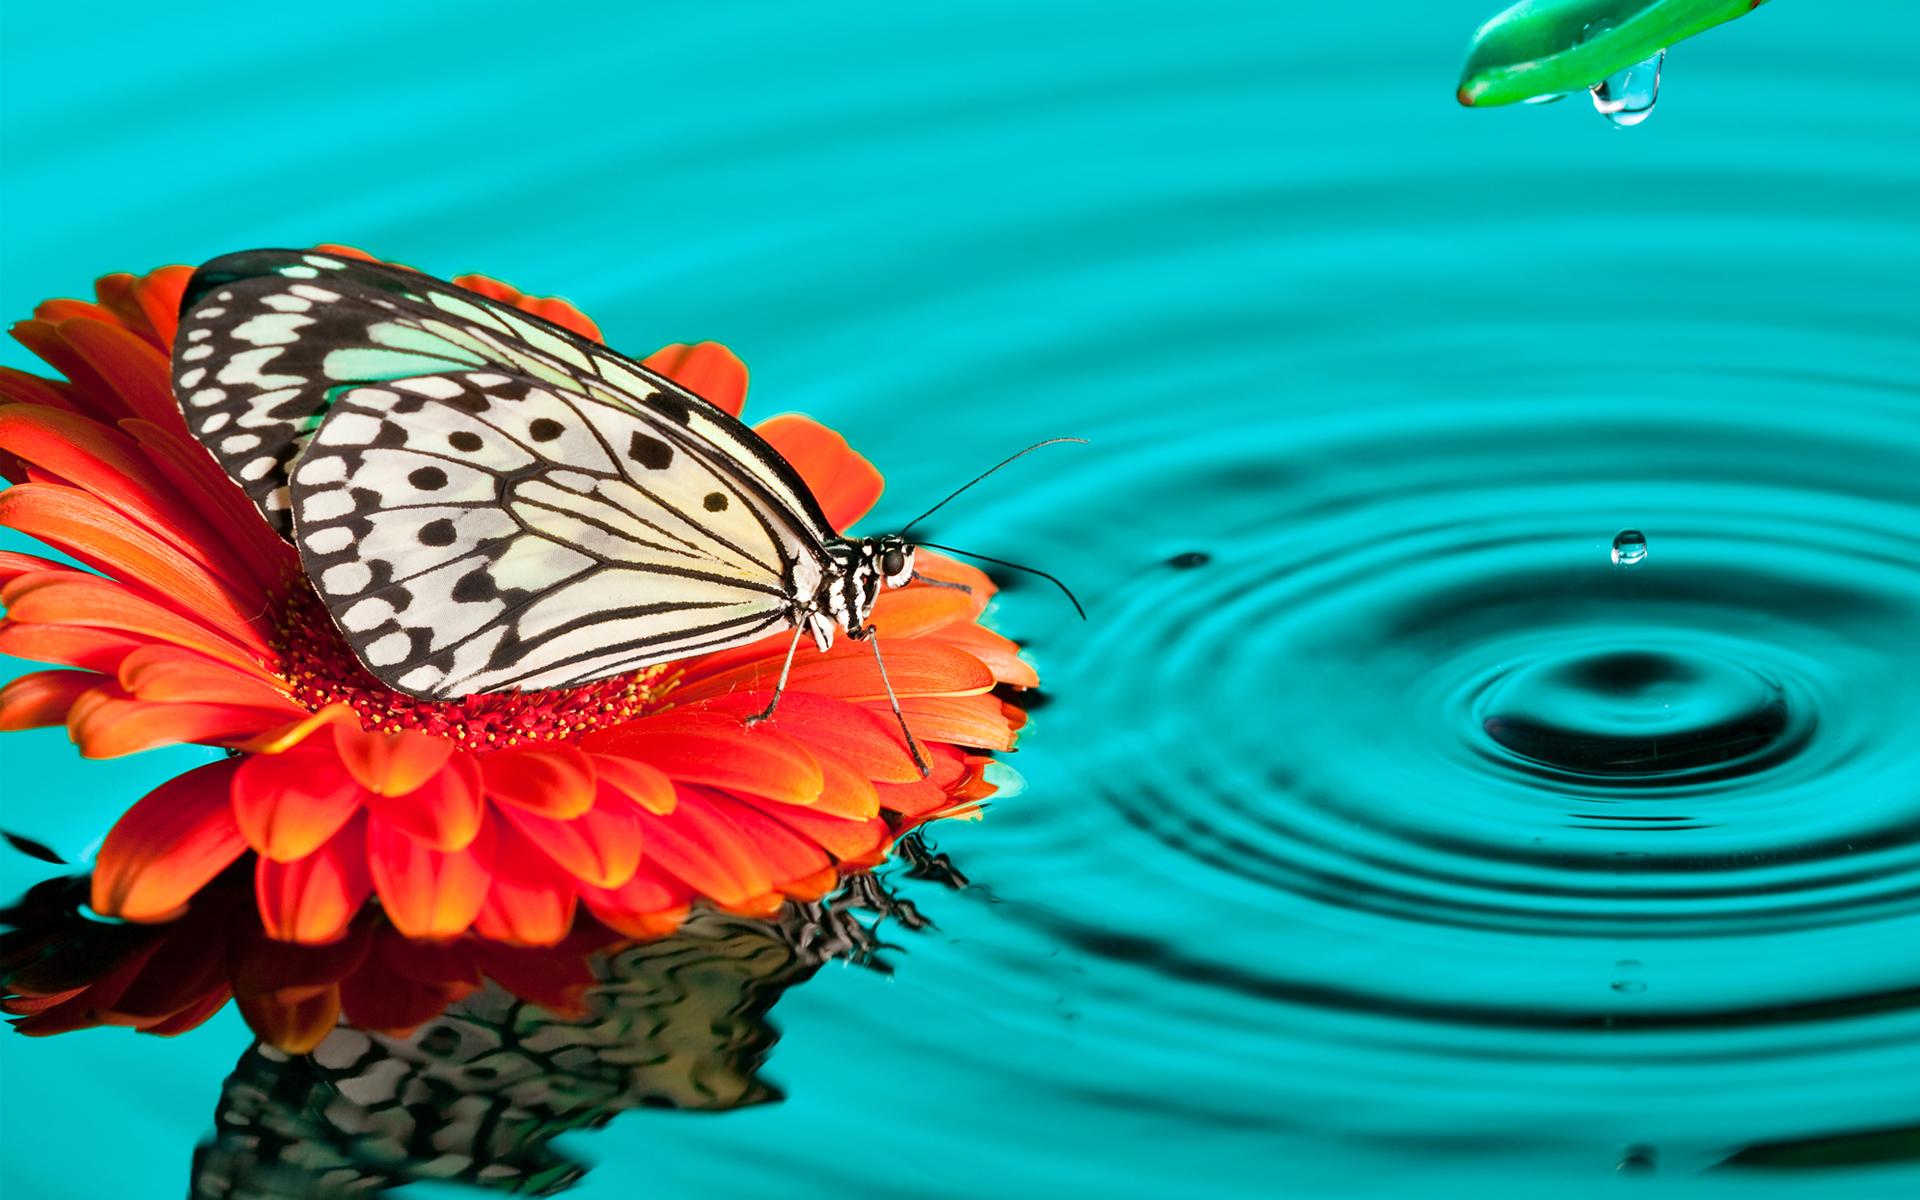 Wallpaper 4k Butterfly Drops Butterfly Drops Leopard